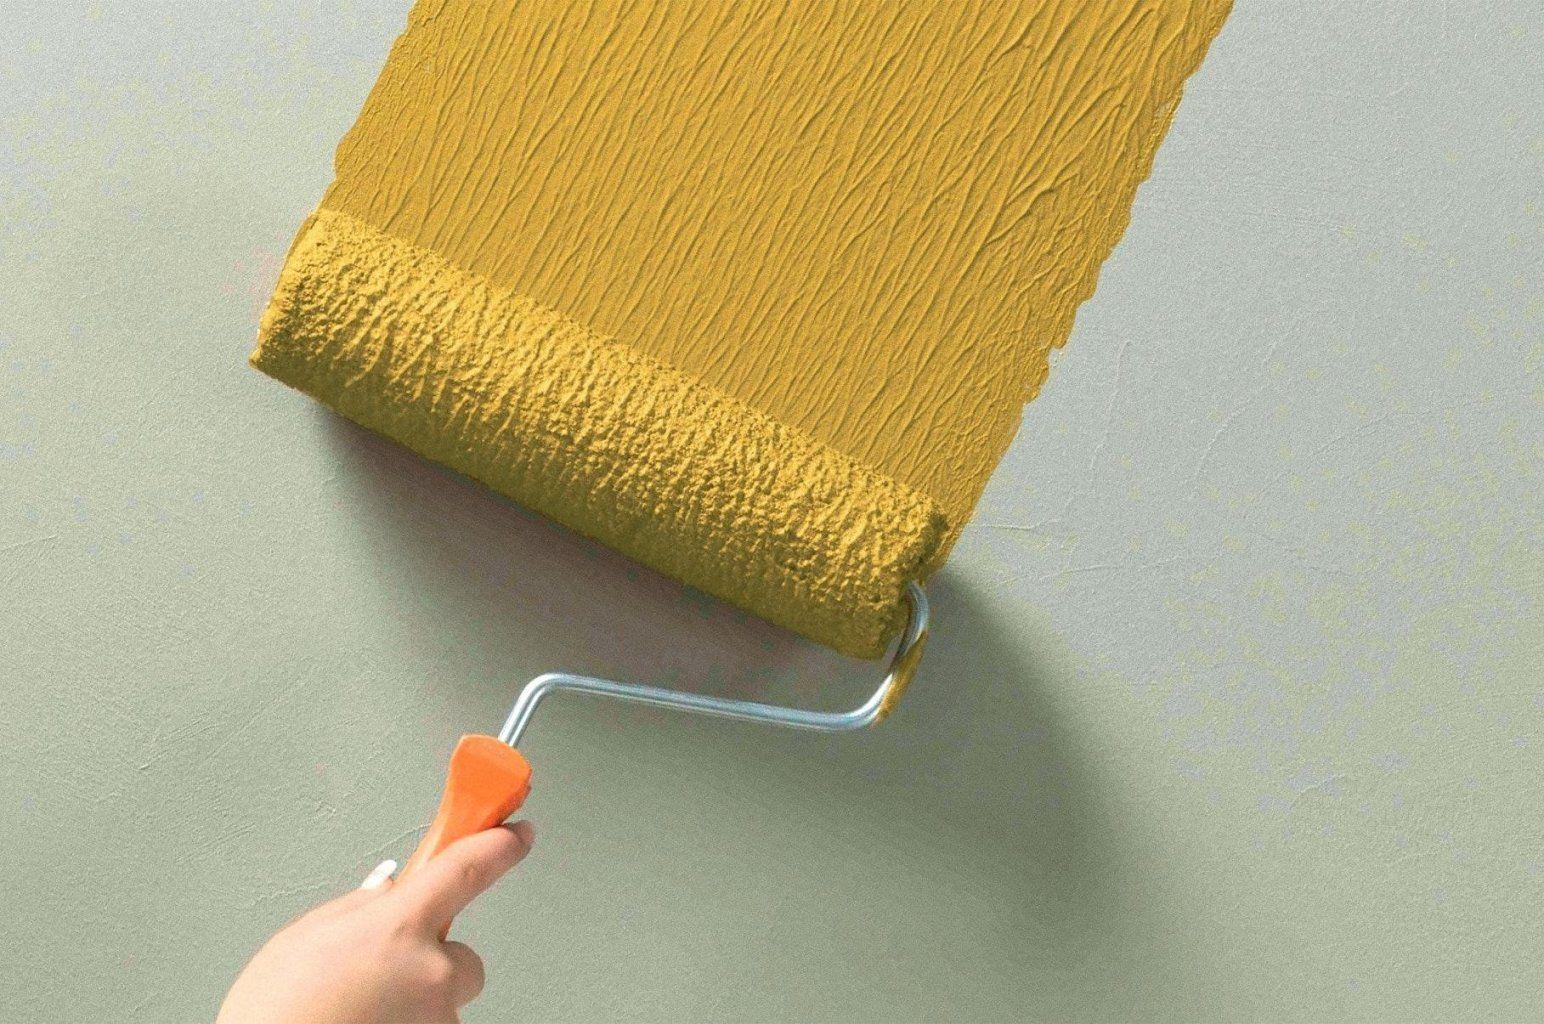 Wande Gestalten Ohne Tapete Luxus Konzept Dormitorios Mit Streichen von Wände Streichen Ohne Tapete Bild